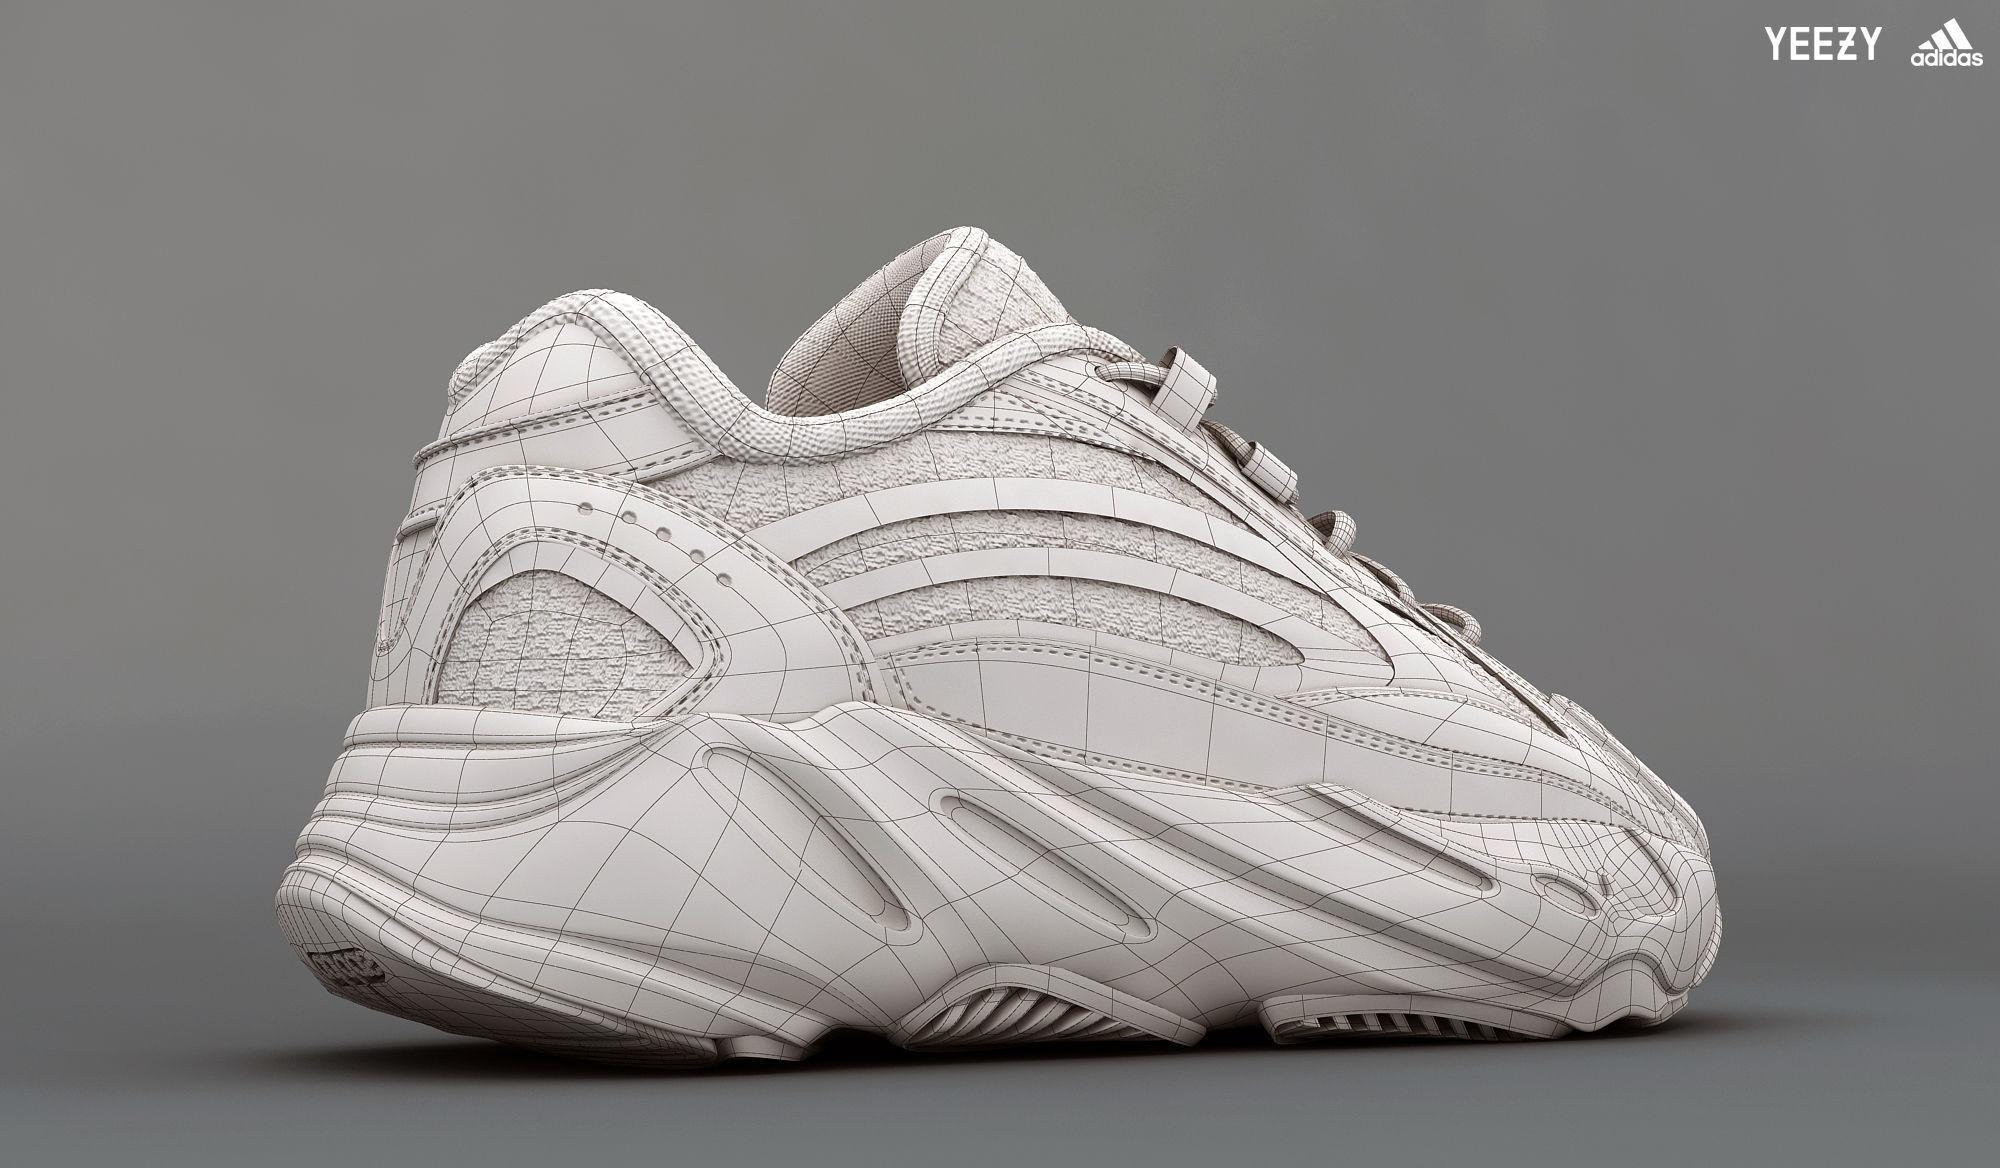 de0b46afcb98 ... adidas yeezy boost 700 v 2 static 3d model low-poly max obj mtl 4 ...